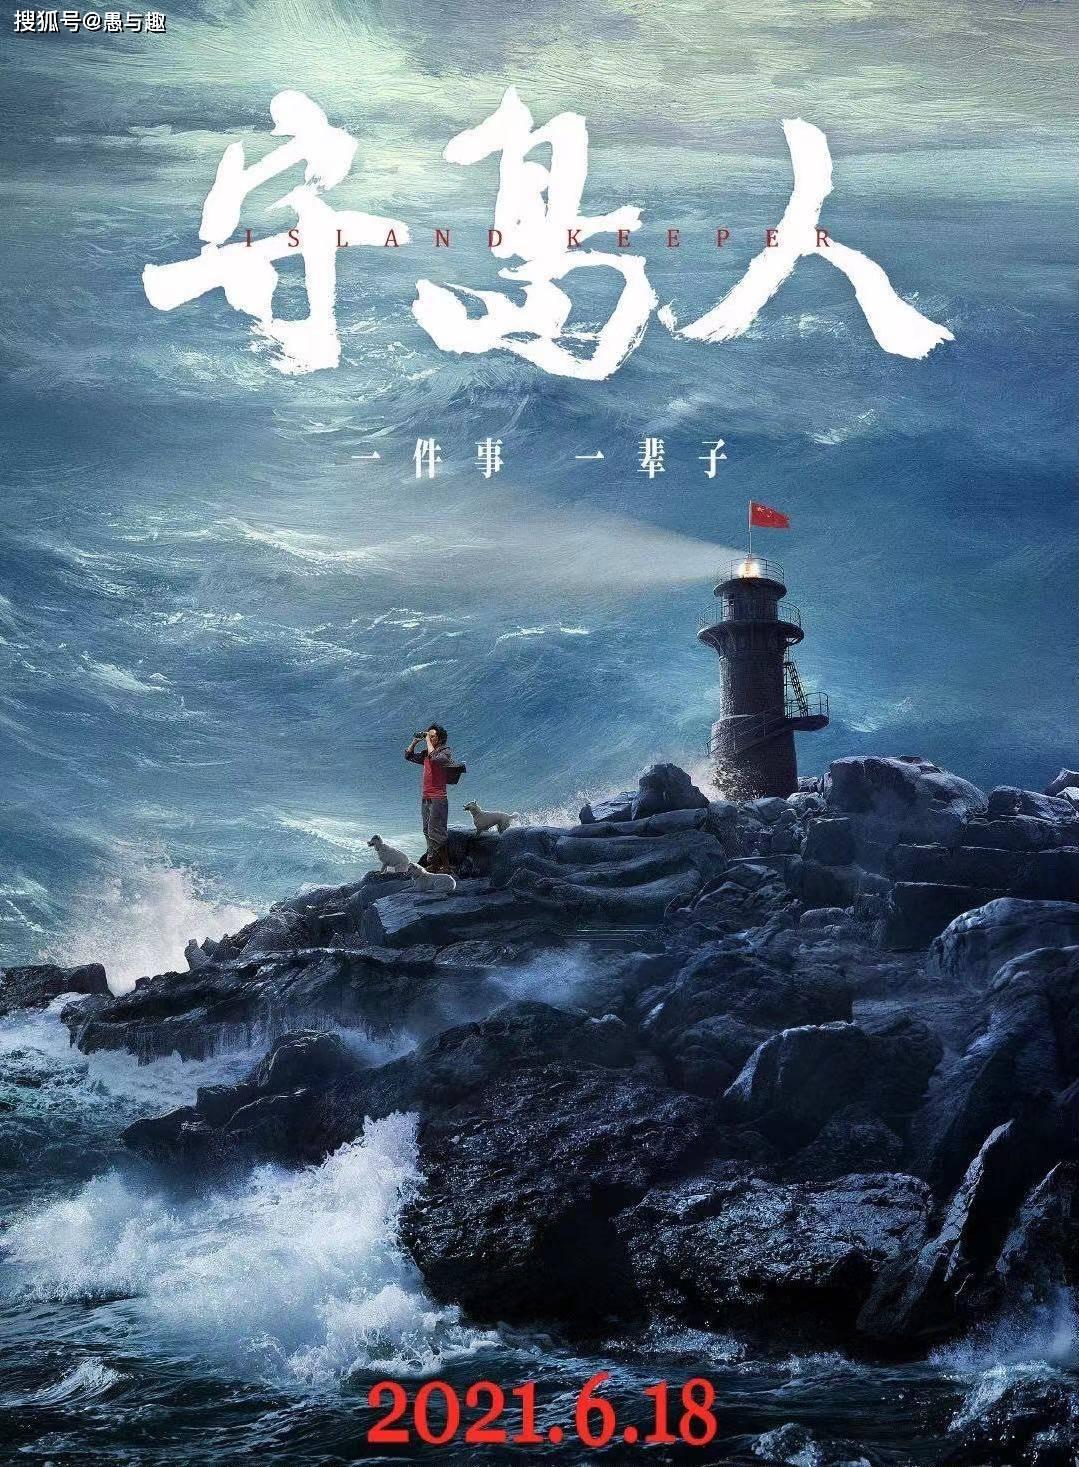 《有一点动心》首映日失利,《守岛人》定档618,《关于我妈的一切》中秋上映